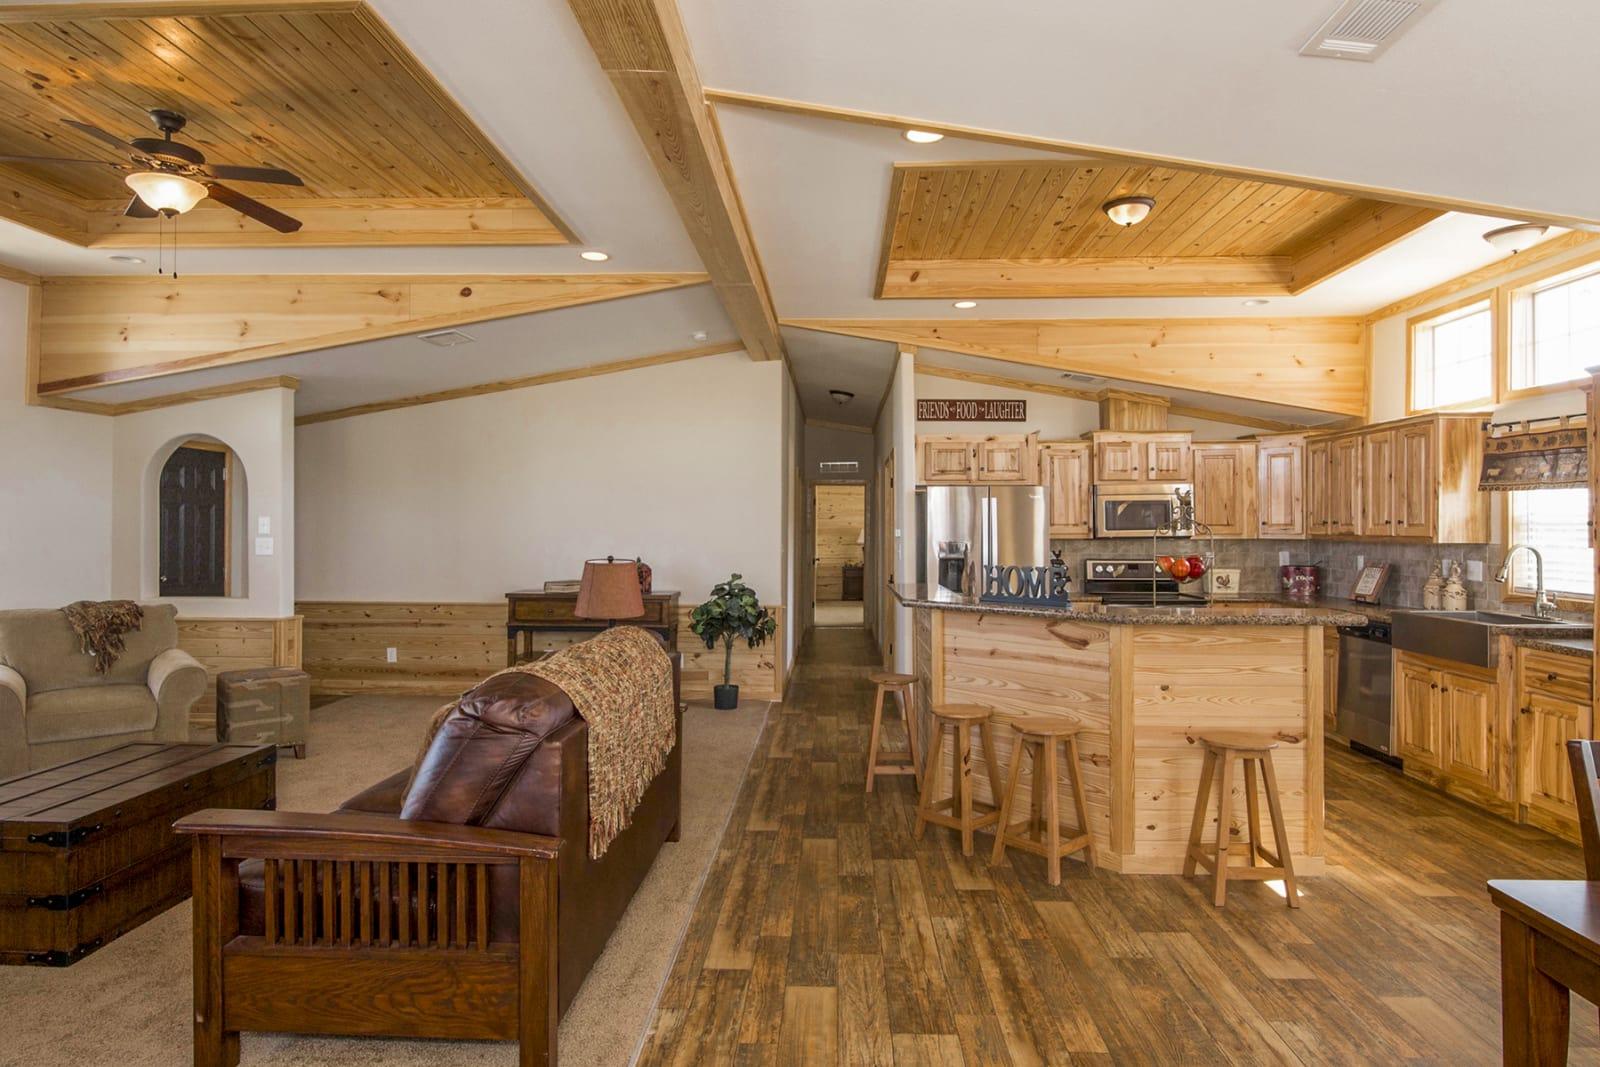 4 Bedroom House Plans Open Floor Layout